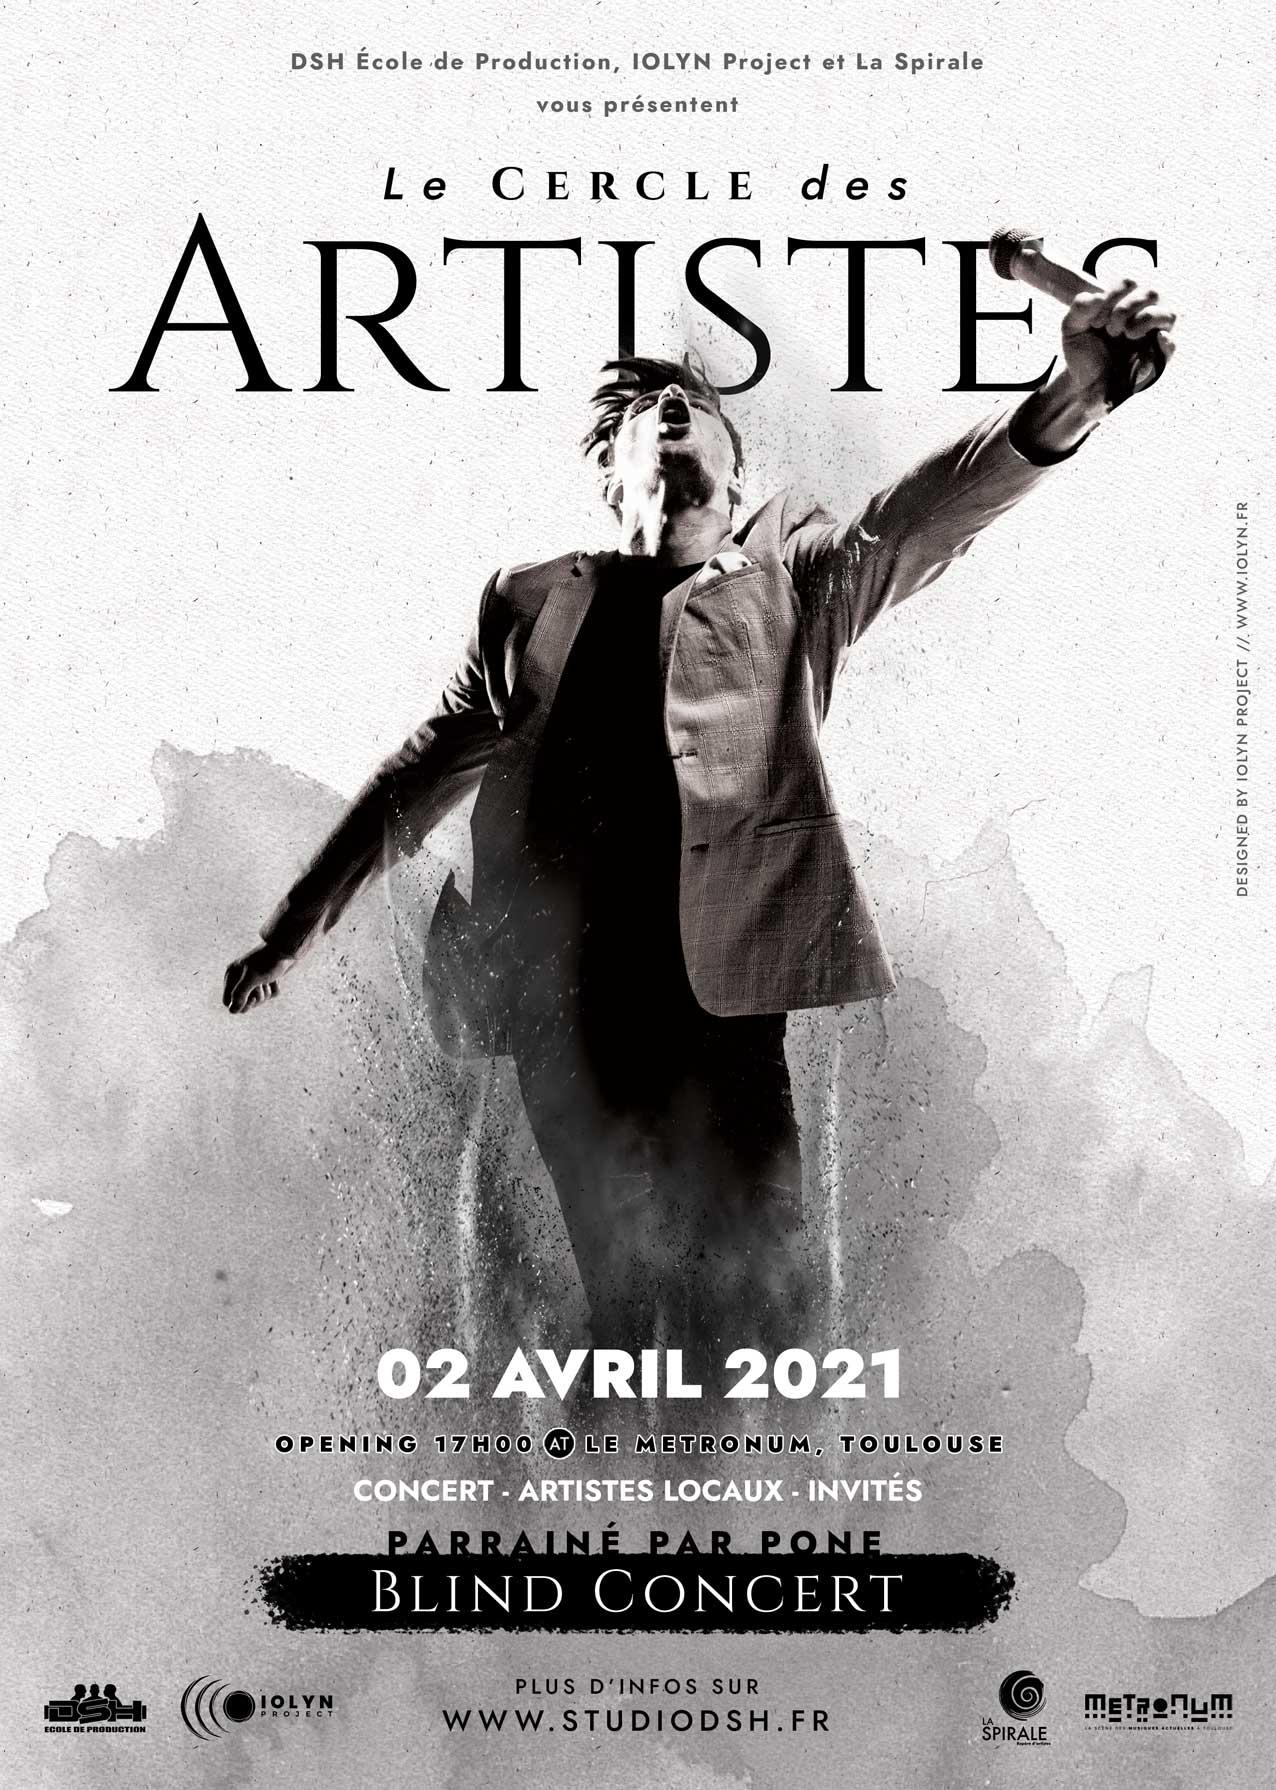 Le Cercle des Artistes - Le Metronum - 2021